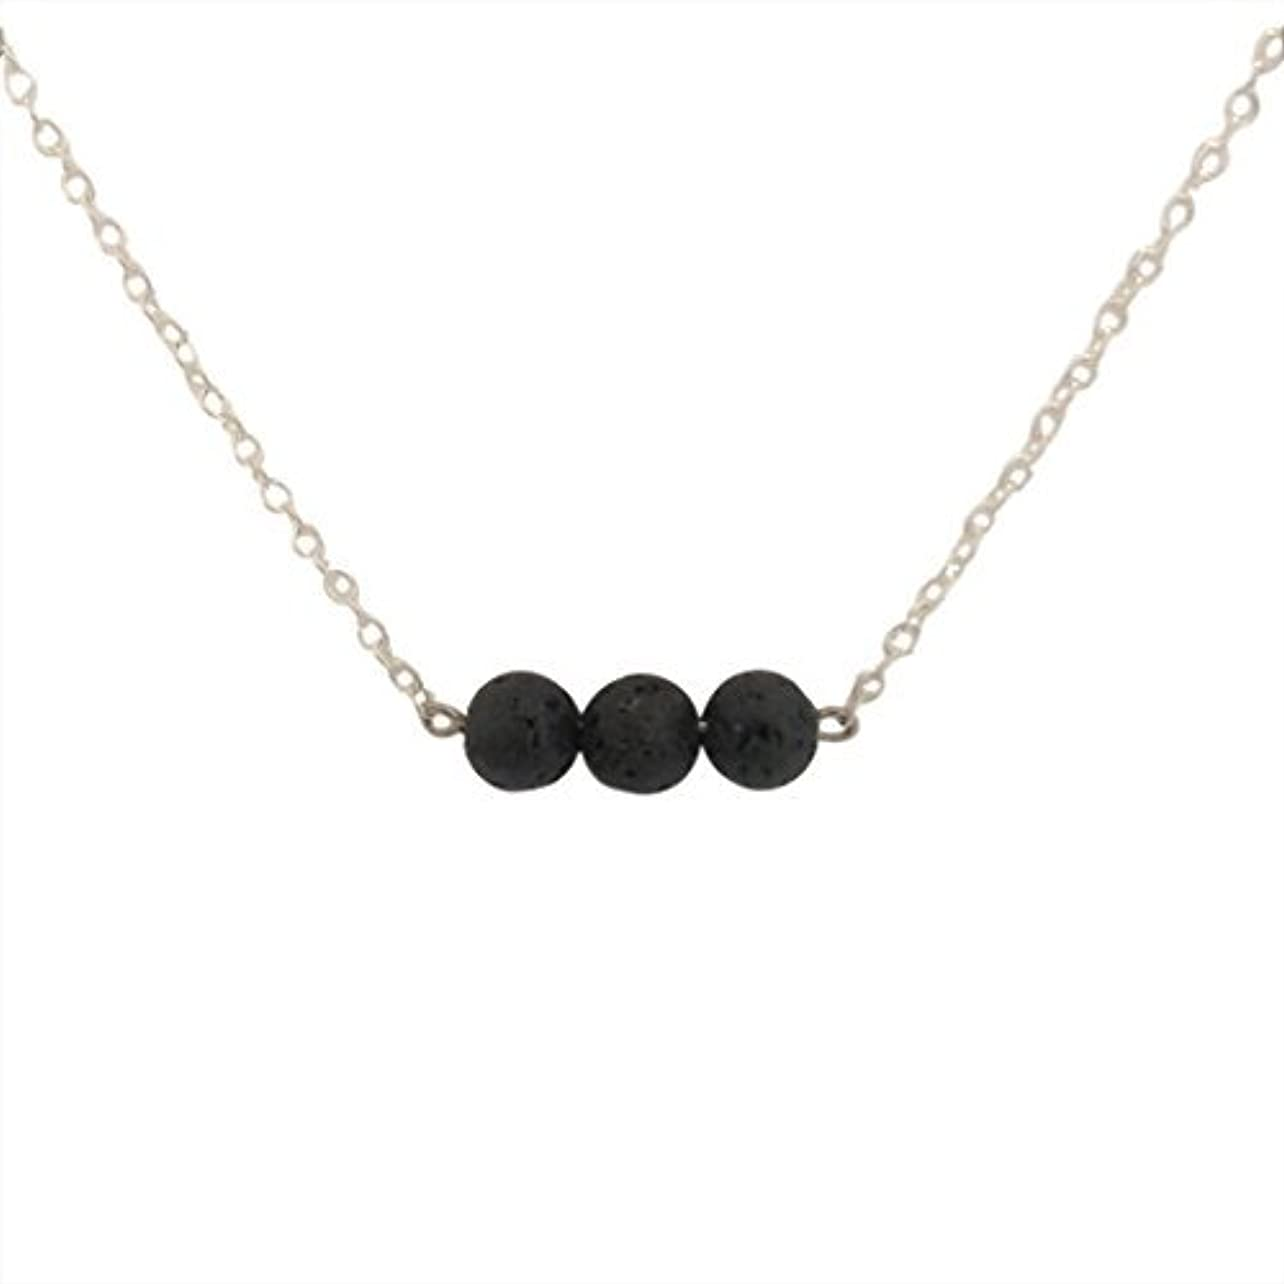 選出する方法Trio of Lava Beads Bar Aromatherapy Necklace Essential Oil Diffuser Lava Stone Pendant Jewelry [並行輸入品]